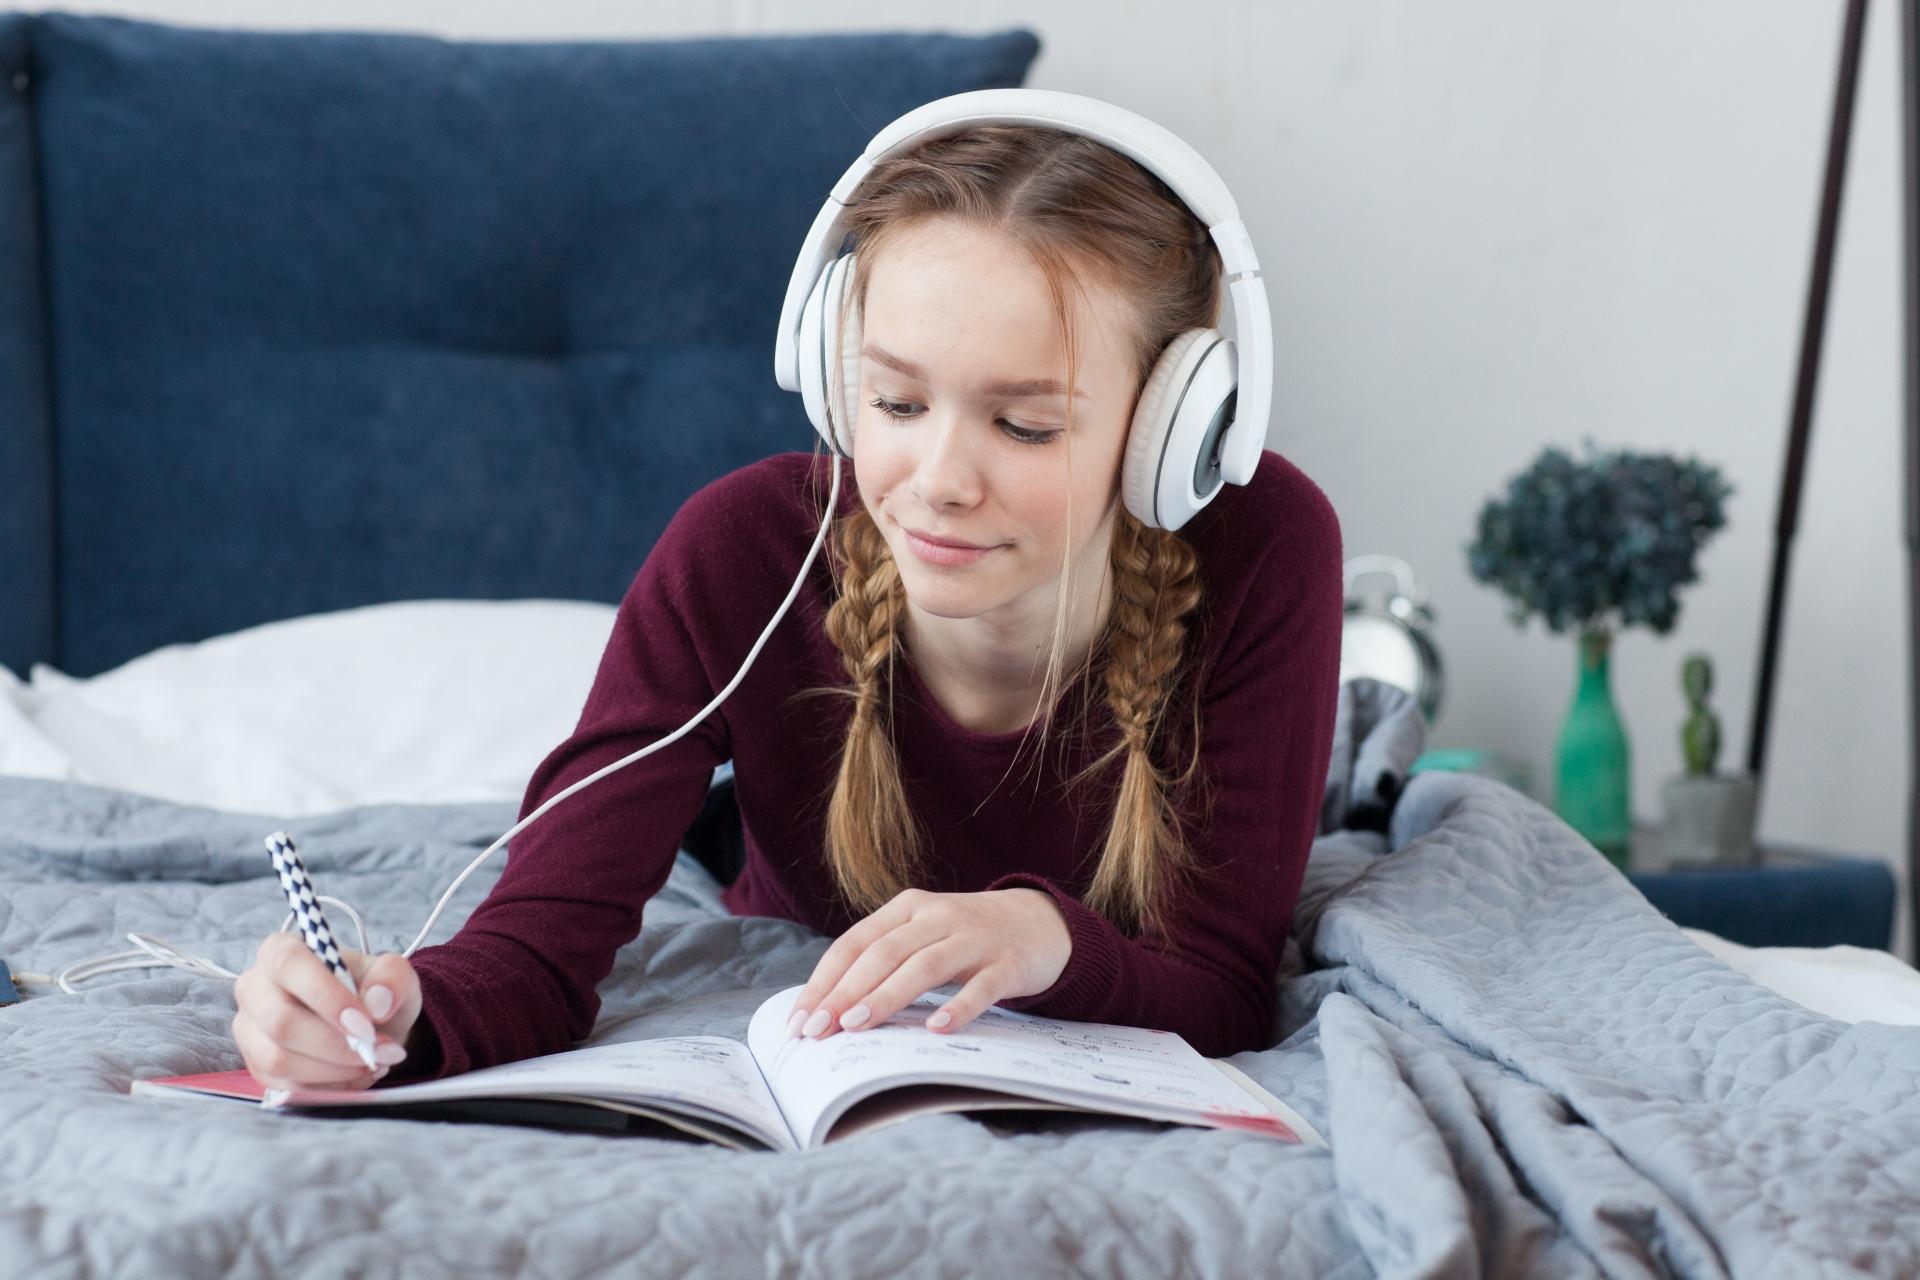 音楽を聴きながらの勉強はOKか?NGか?